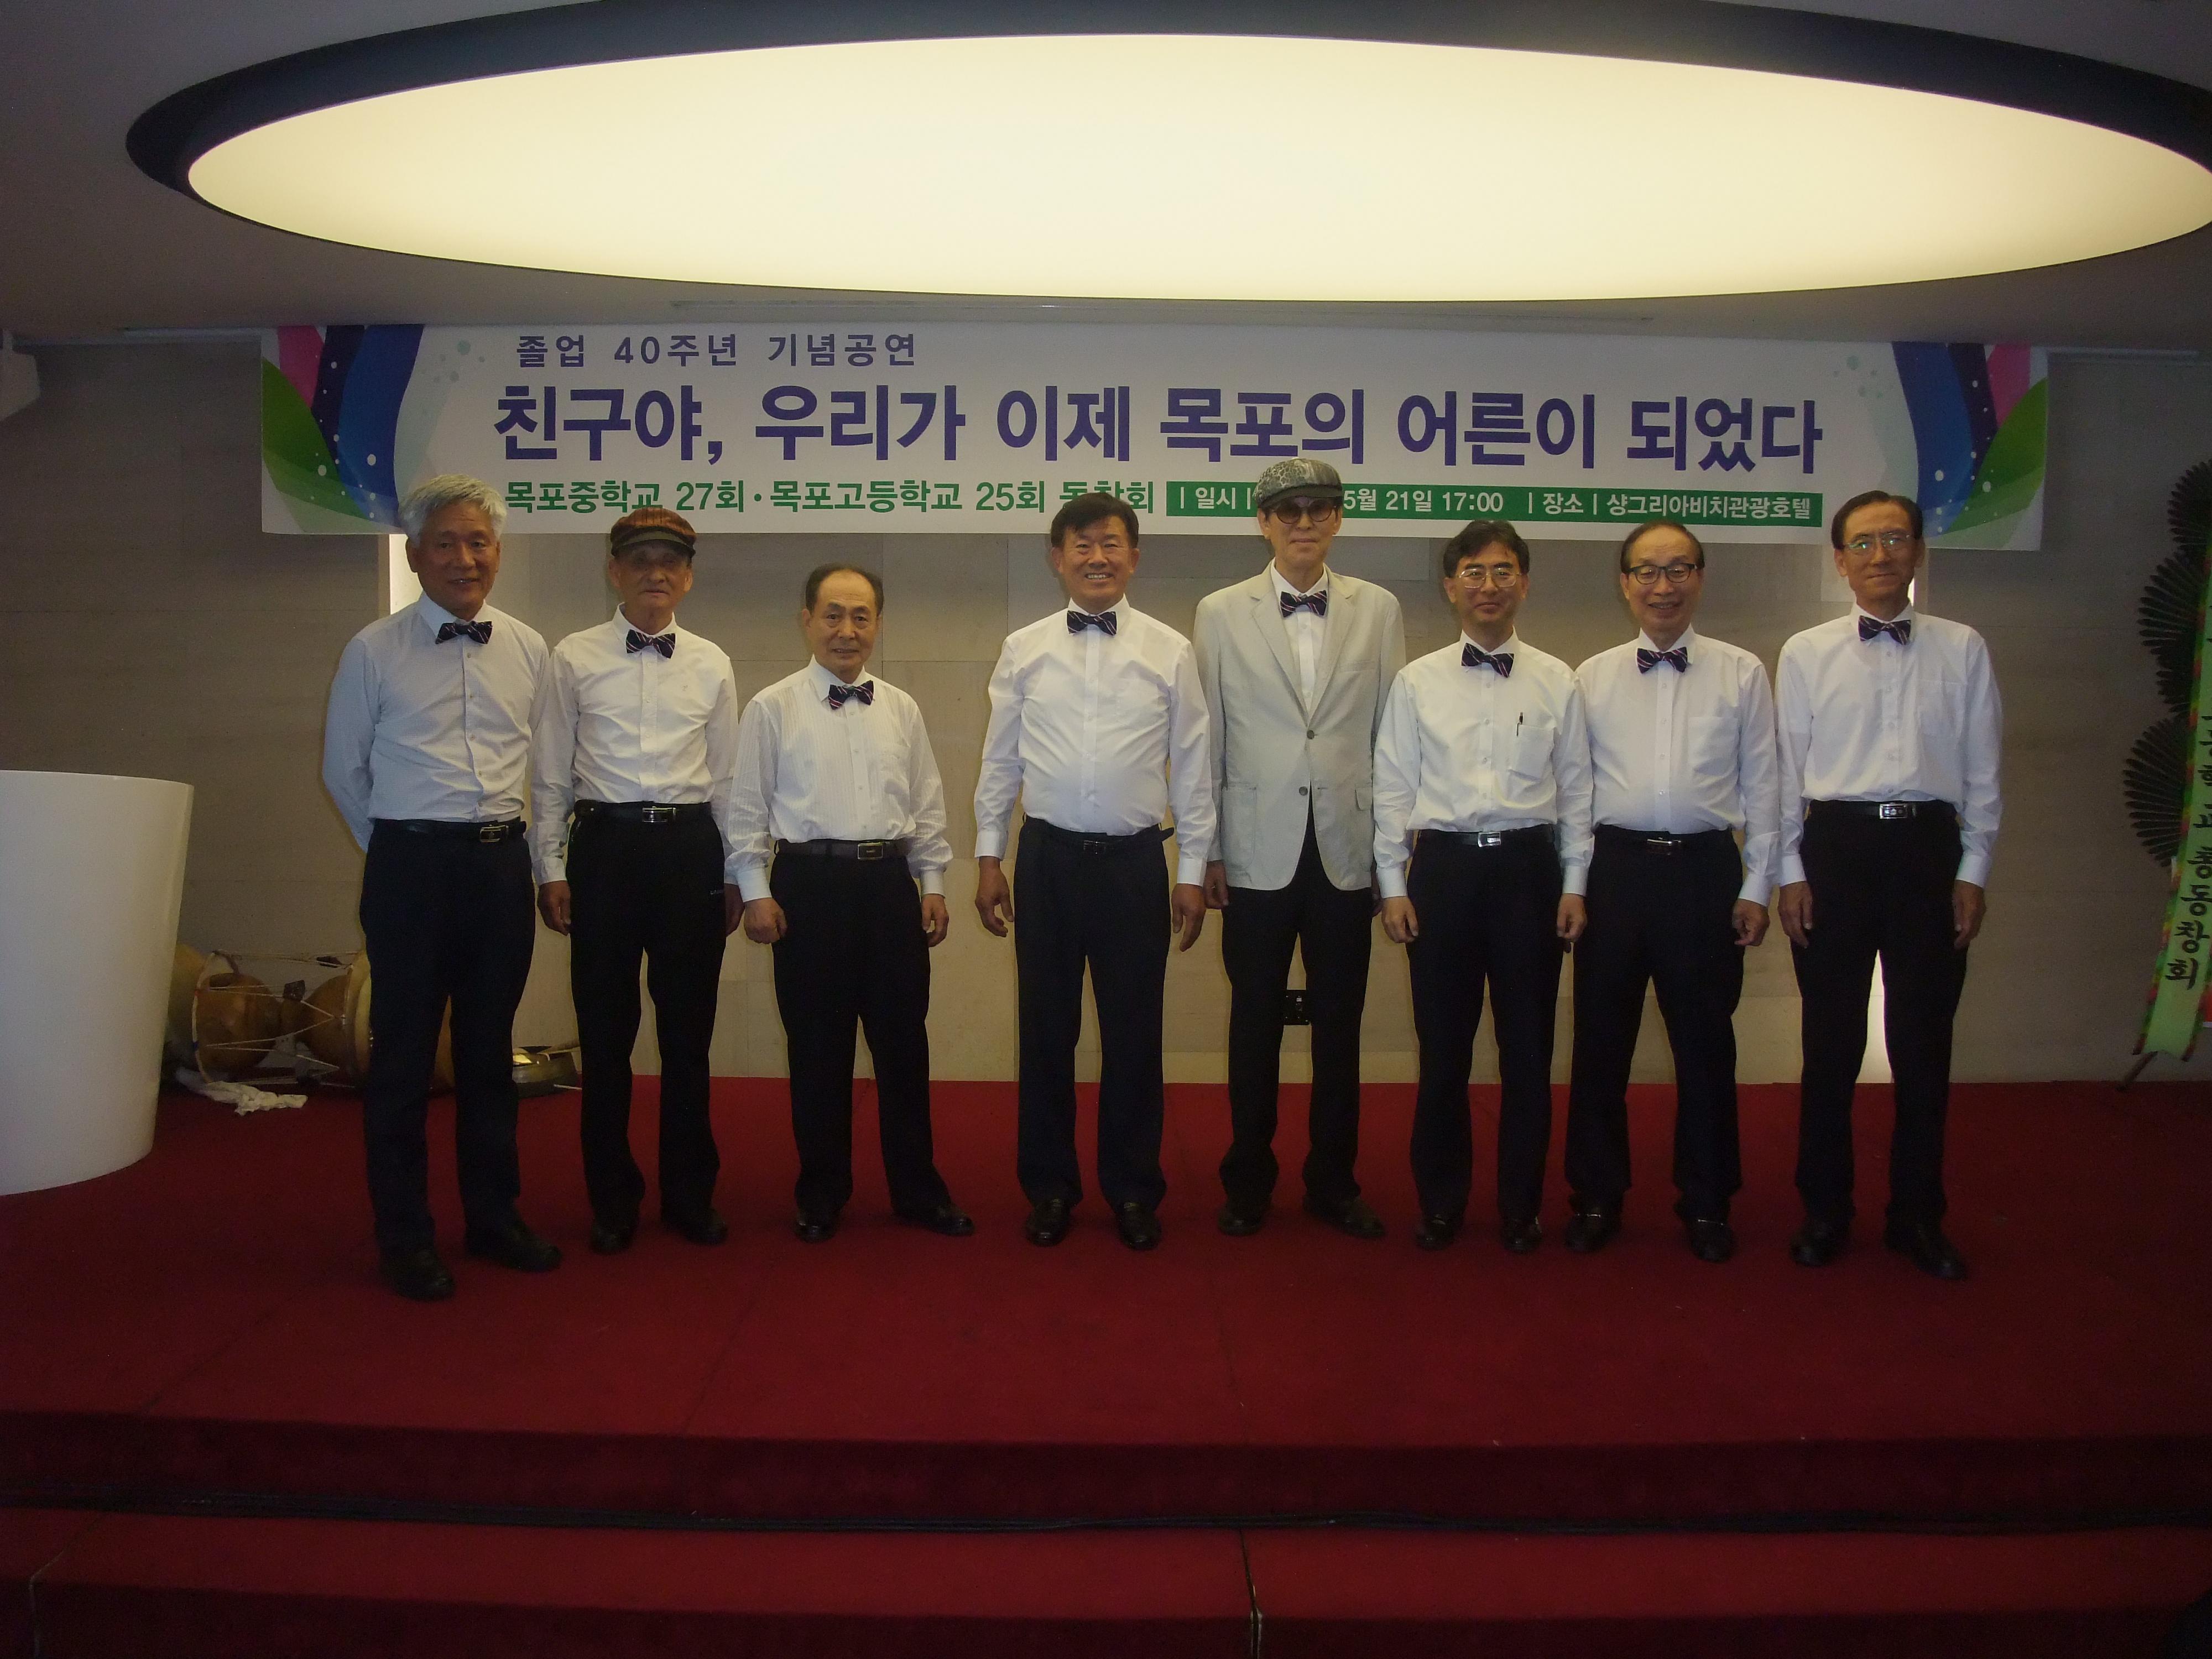 16-0521비룡중창단목포공연2-1.jpg